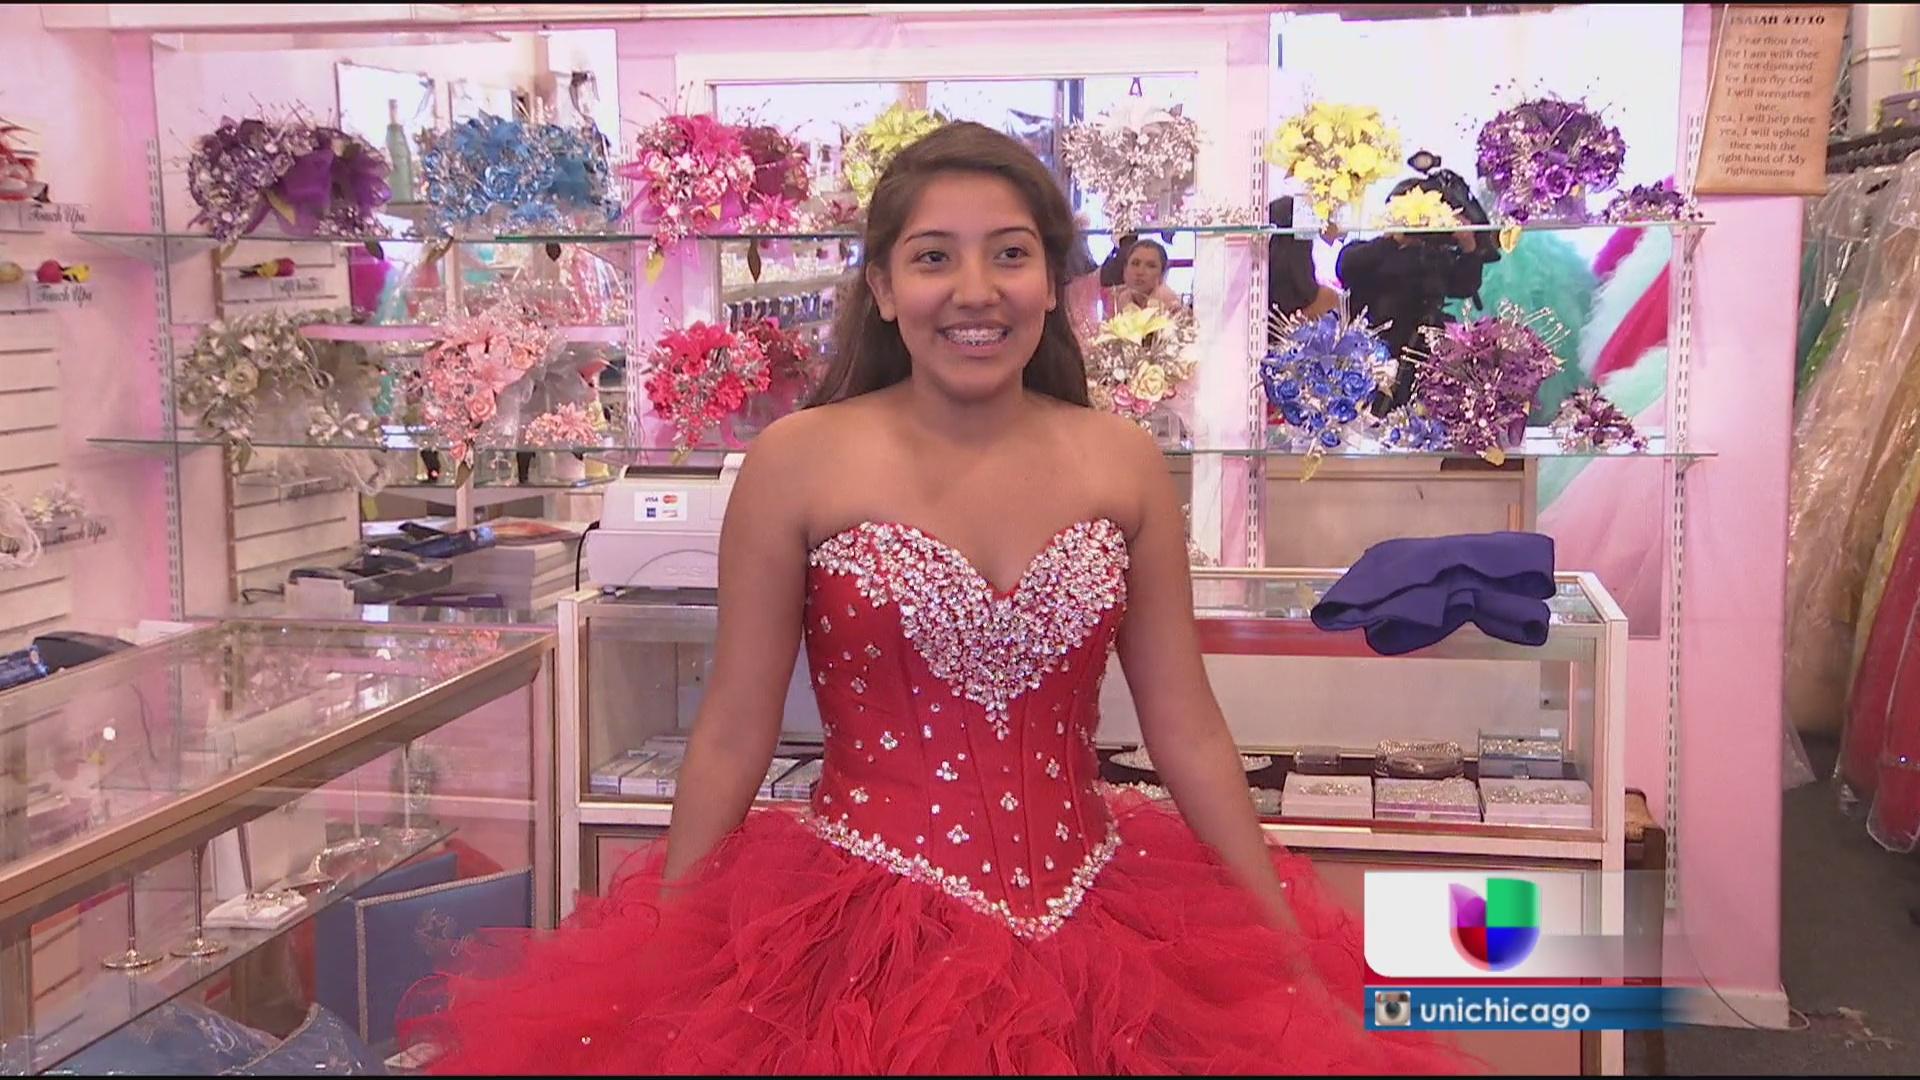 La Villita, meca de las quinceañeras - Univision